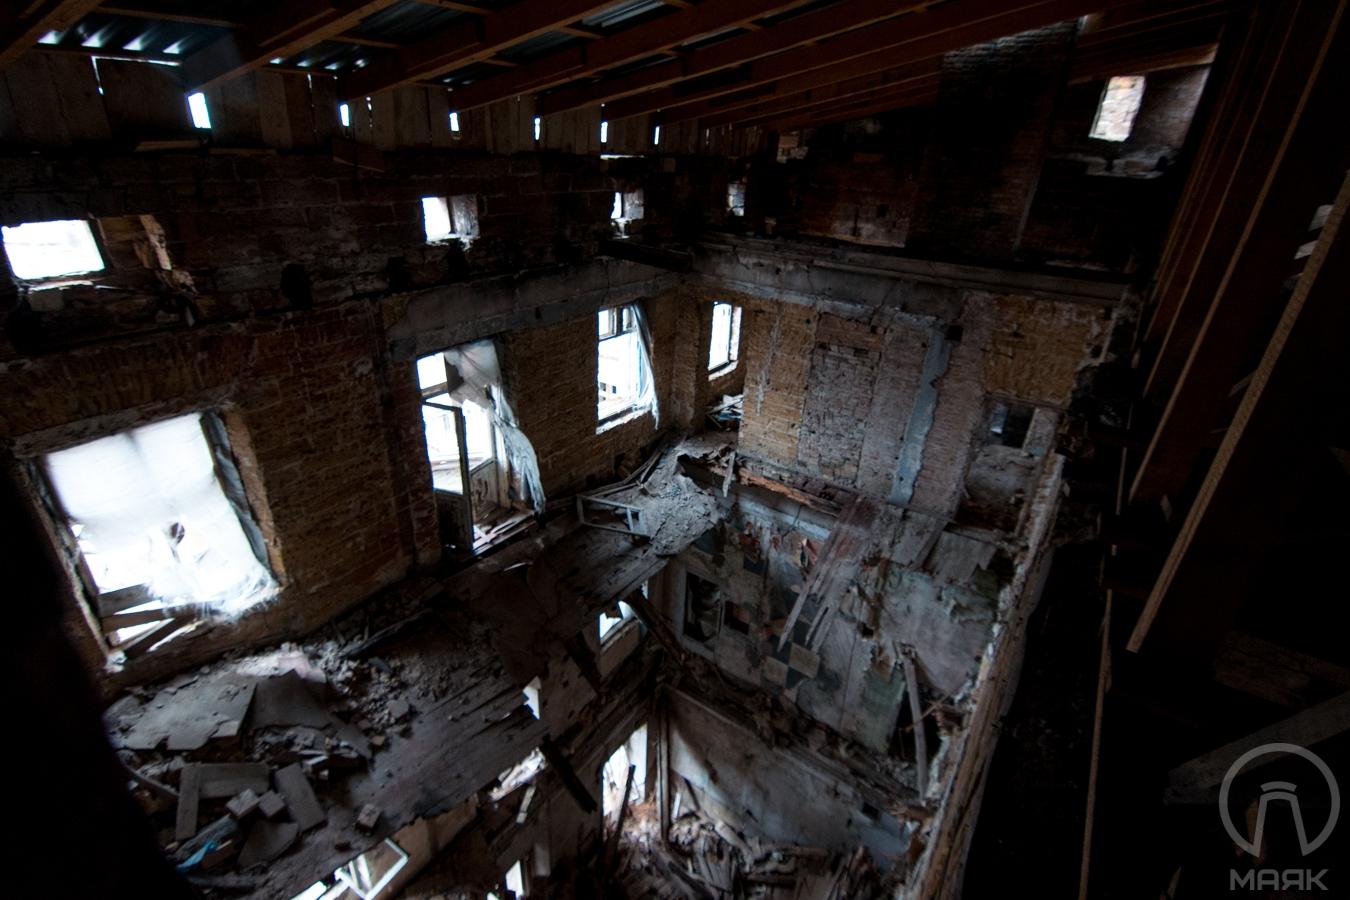 Декорации к фильму ужасов в центре Одессы: Дом Руссова (фоторепортаж)